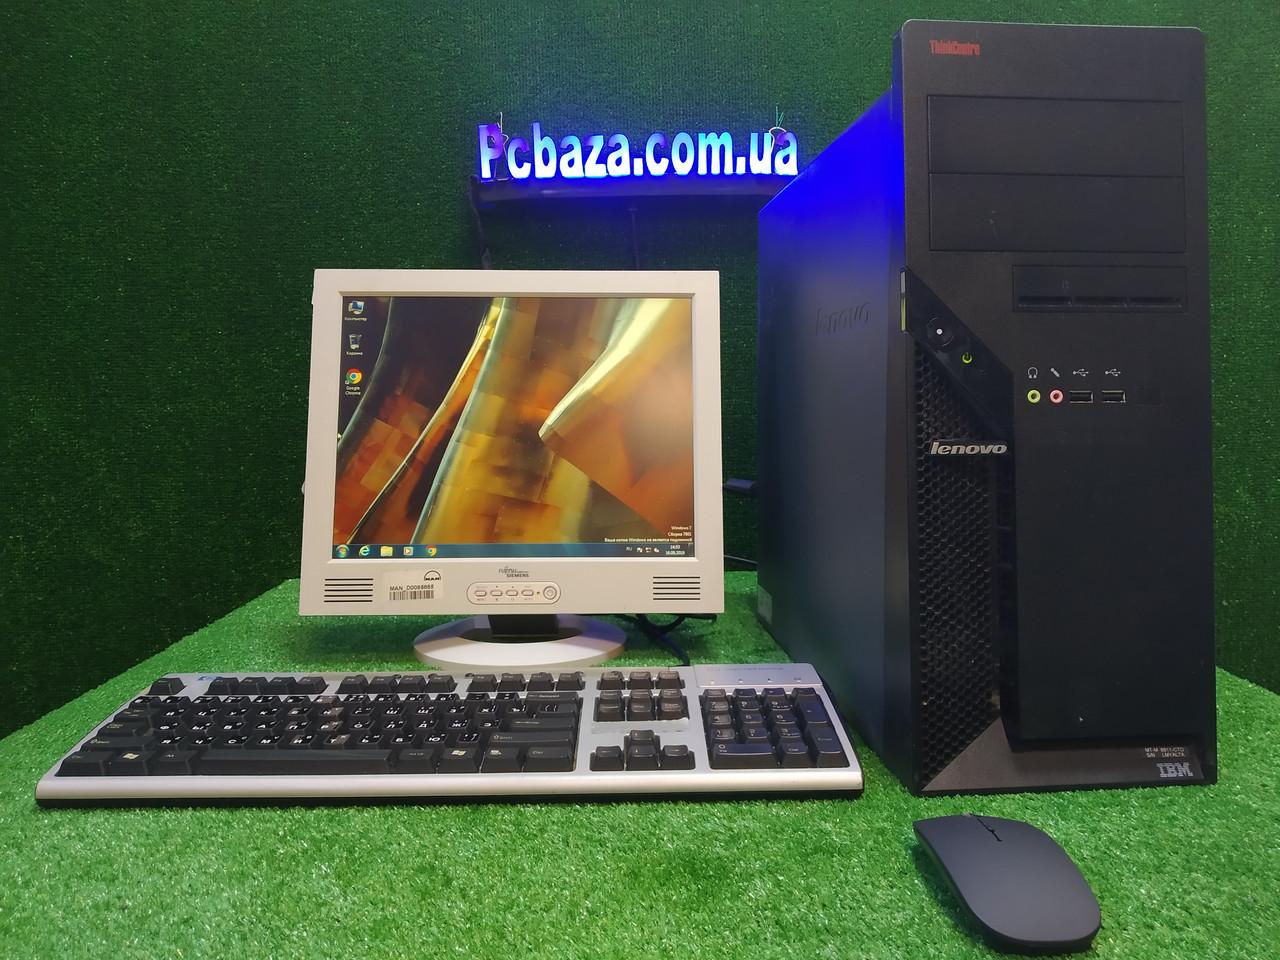 """Комплект Lenovo, 2 ядра, 4 ГБ ОЗУ, 500 Гб HDD + монитор 15"""" Fujitsu, Полностью настроен!"""